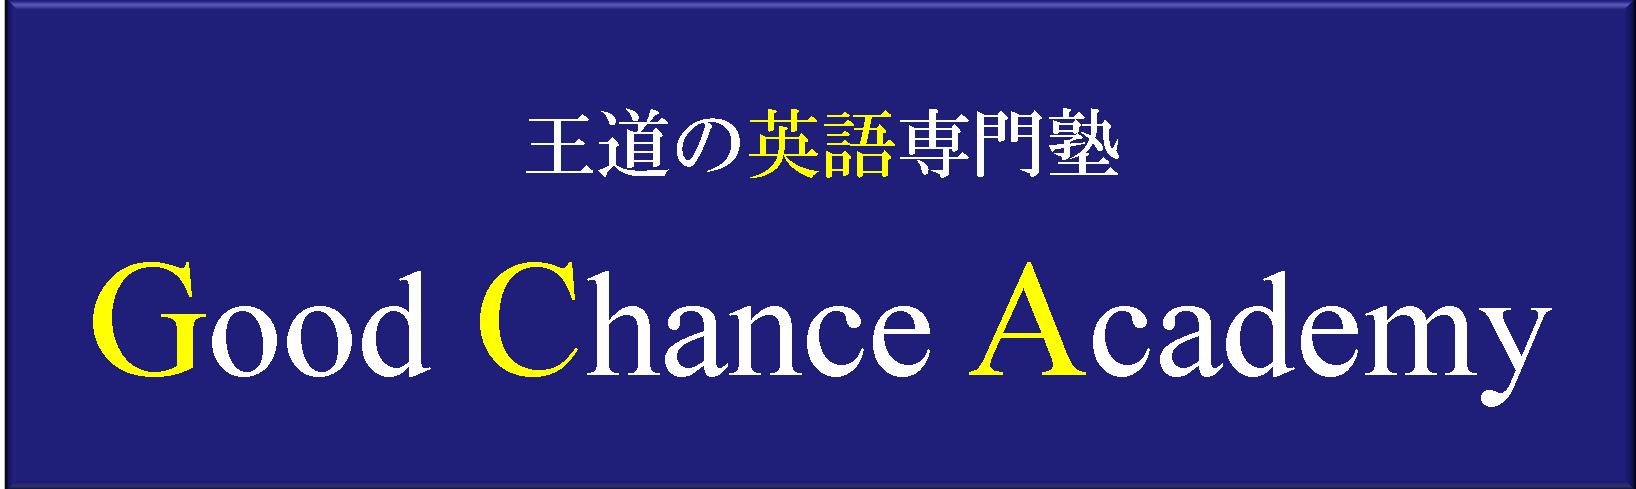 王道の英語専門塾 GCA|福岡市|オンライン対応